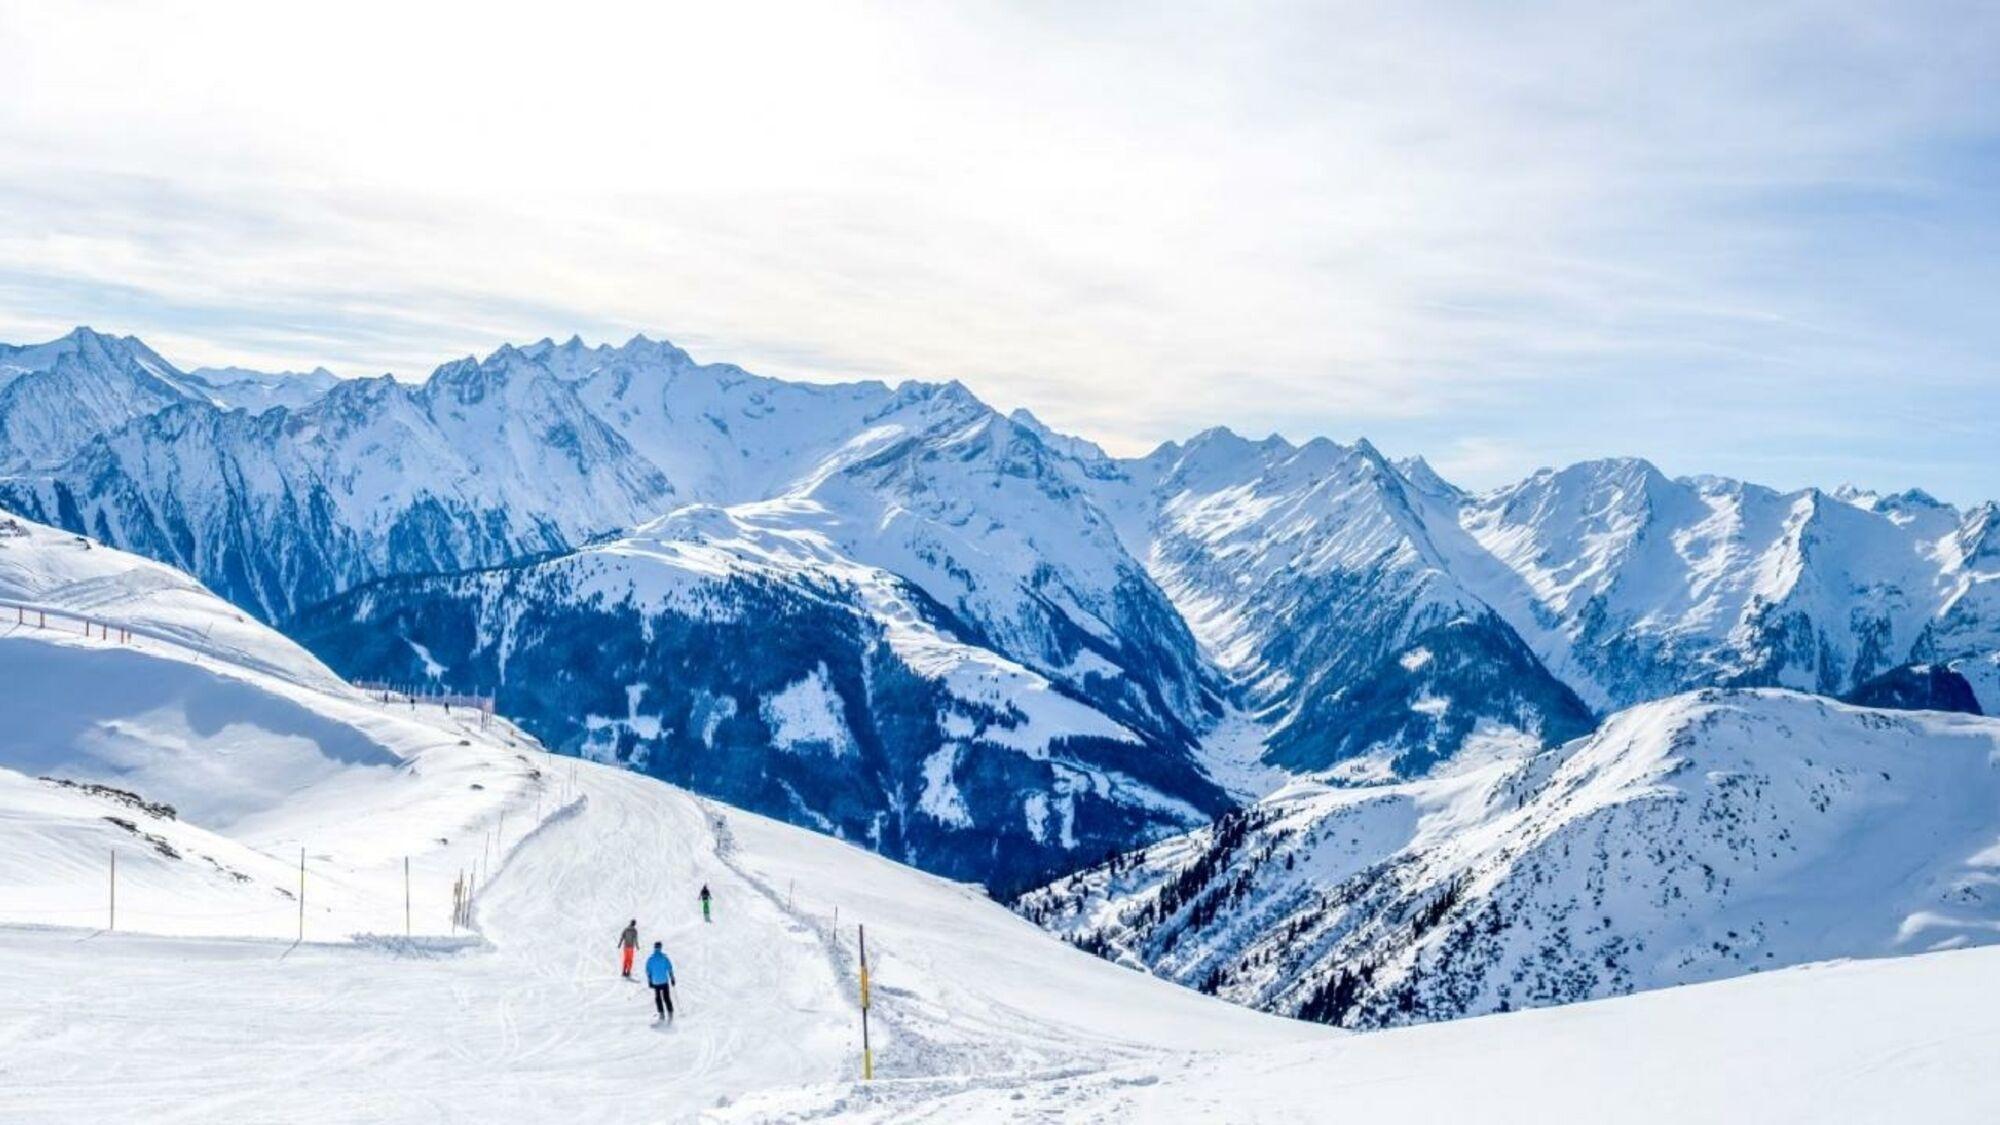 Umweltschutz und Nachhaltigkeit muss auch in Skigebieten thematisiert werden.